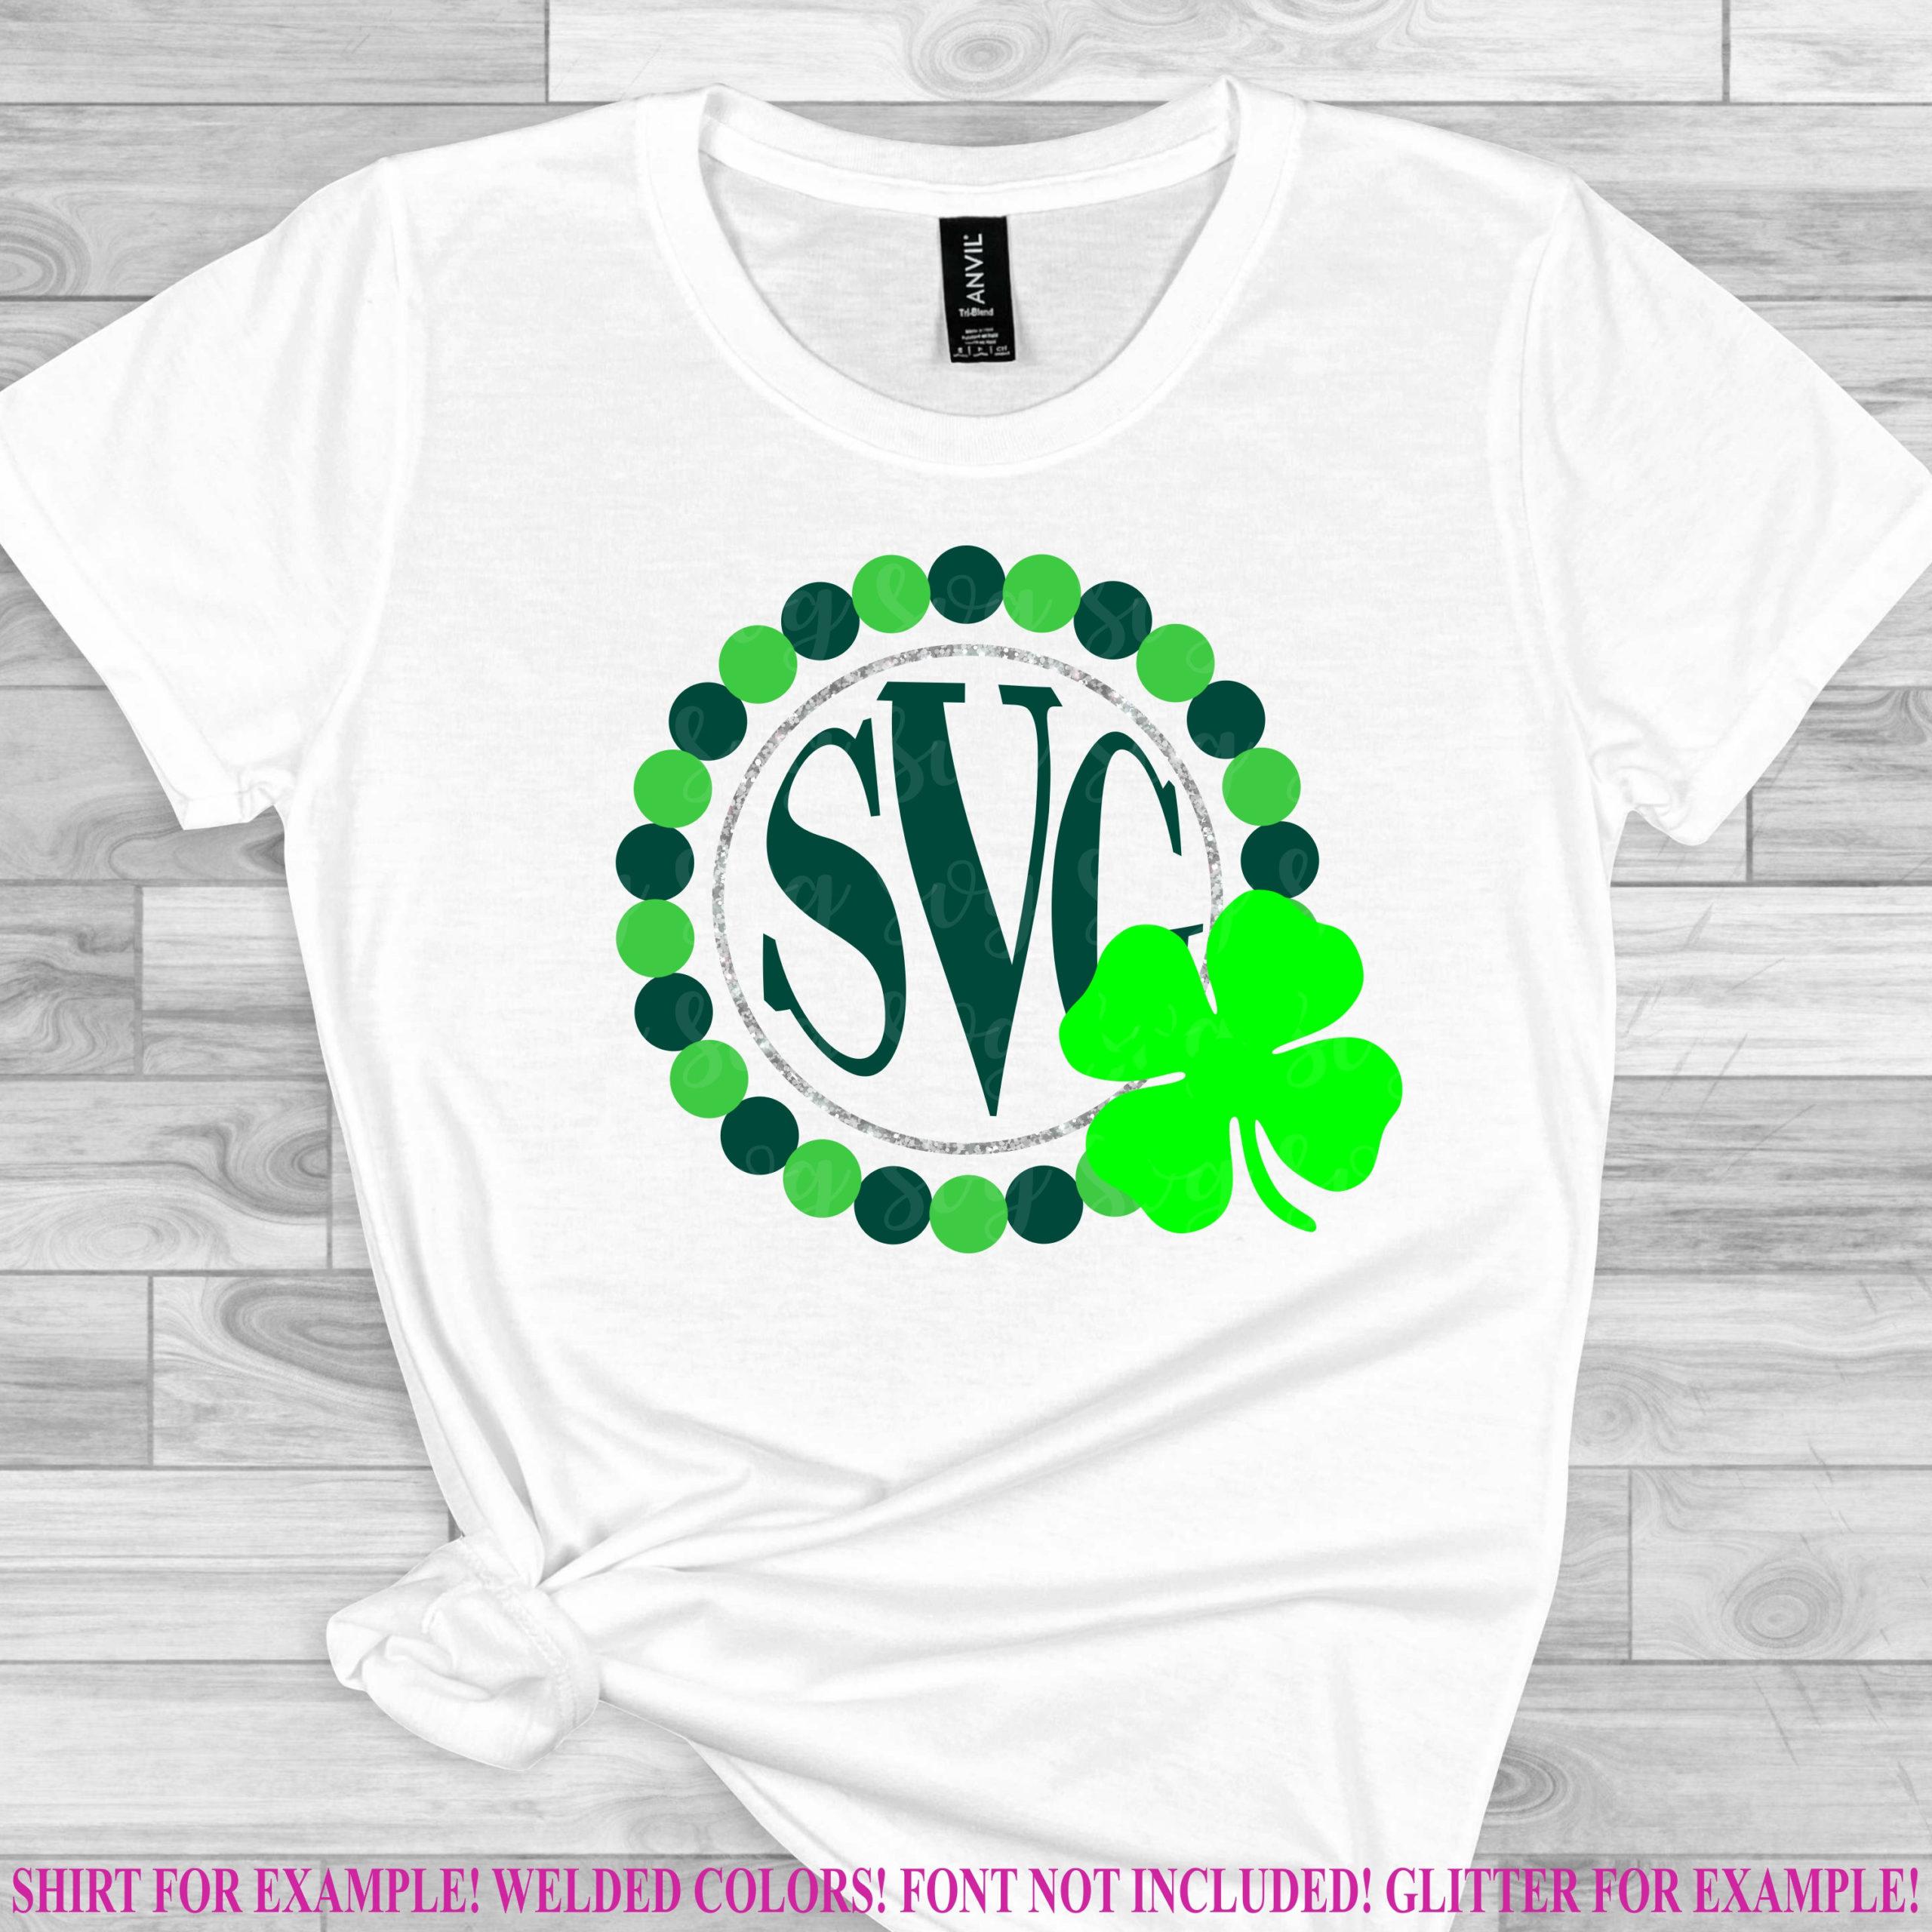 St-patricks-day-svg-shamrock-svgluck-shamrock-svgmonogram-svgst-patricks-day-svg-designs-st-patricks-day-cut-file-cricut-svg-60513ec8